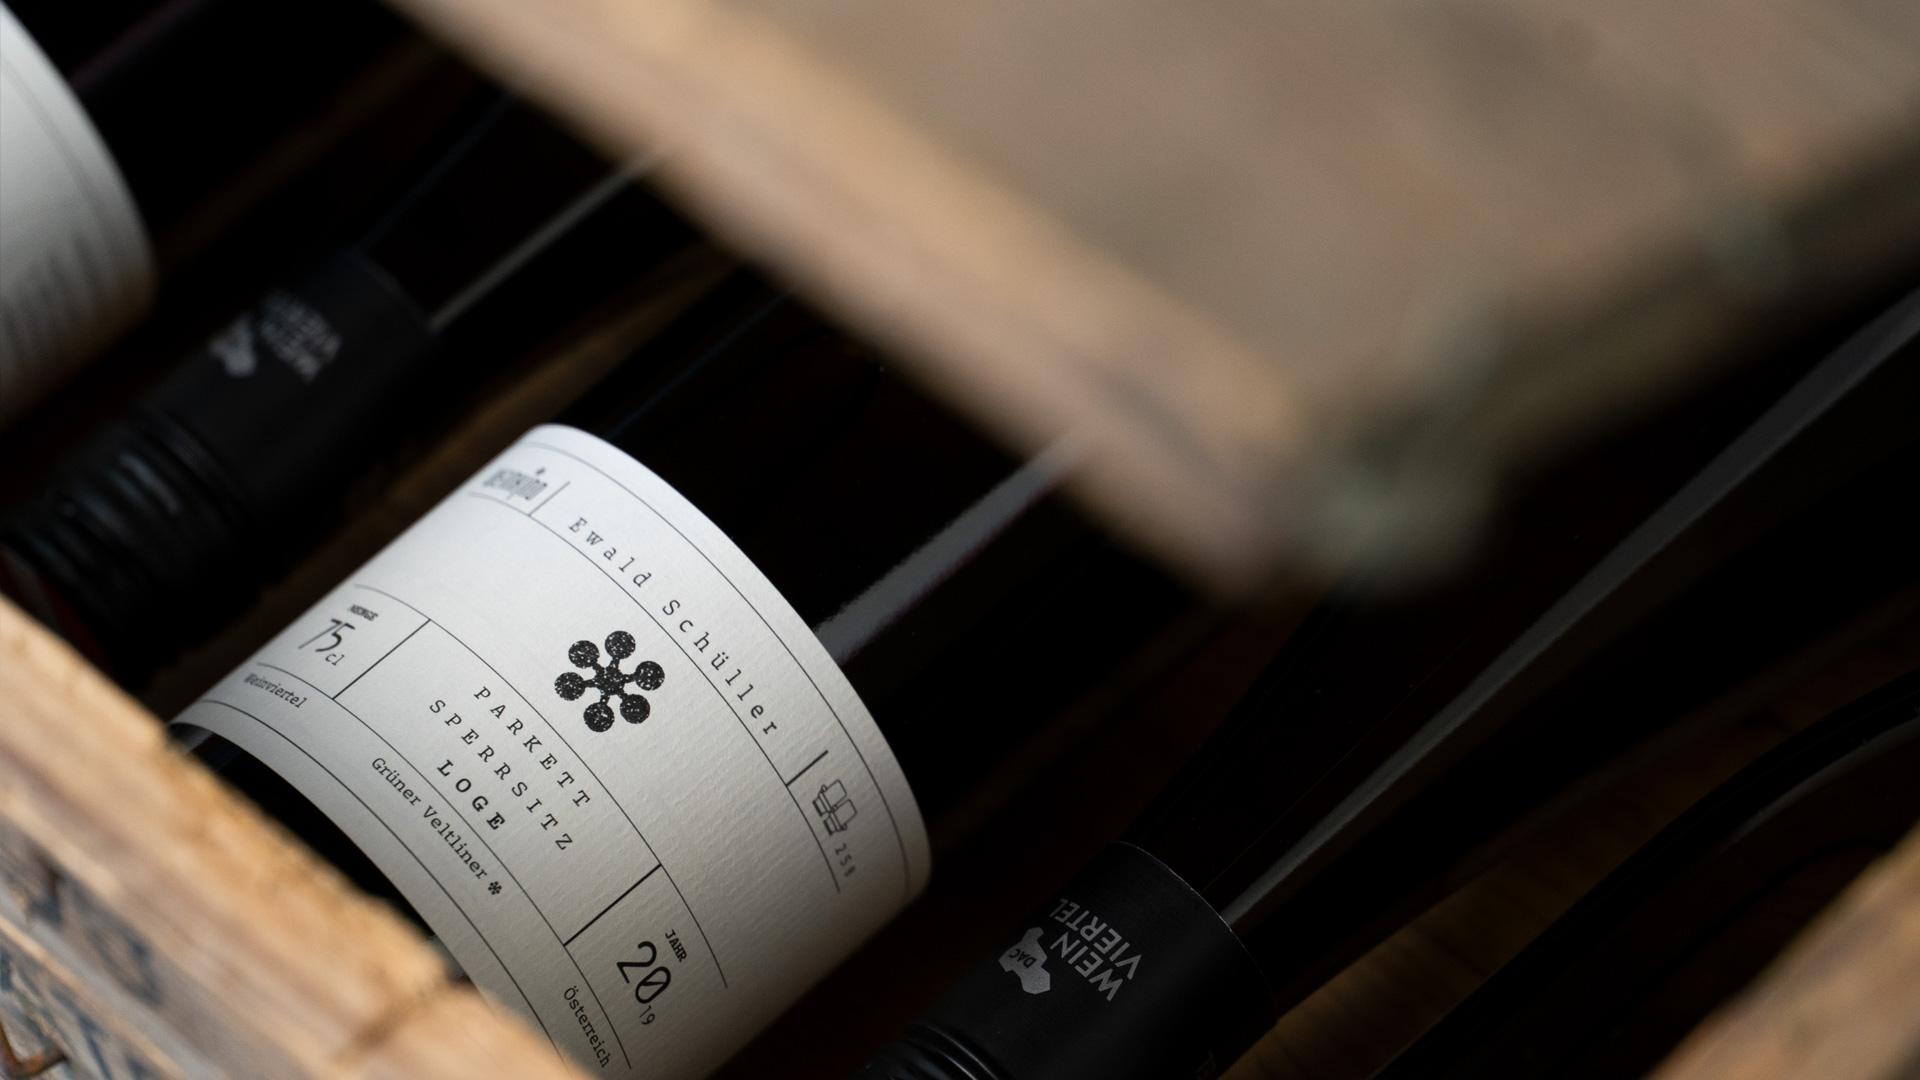 Weinkino Flasche in Kiste Etikett vorne